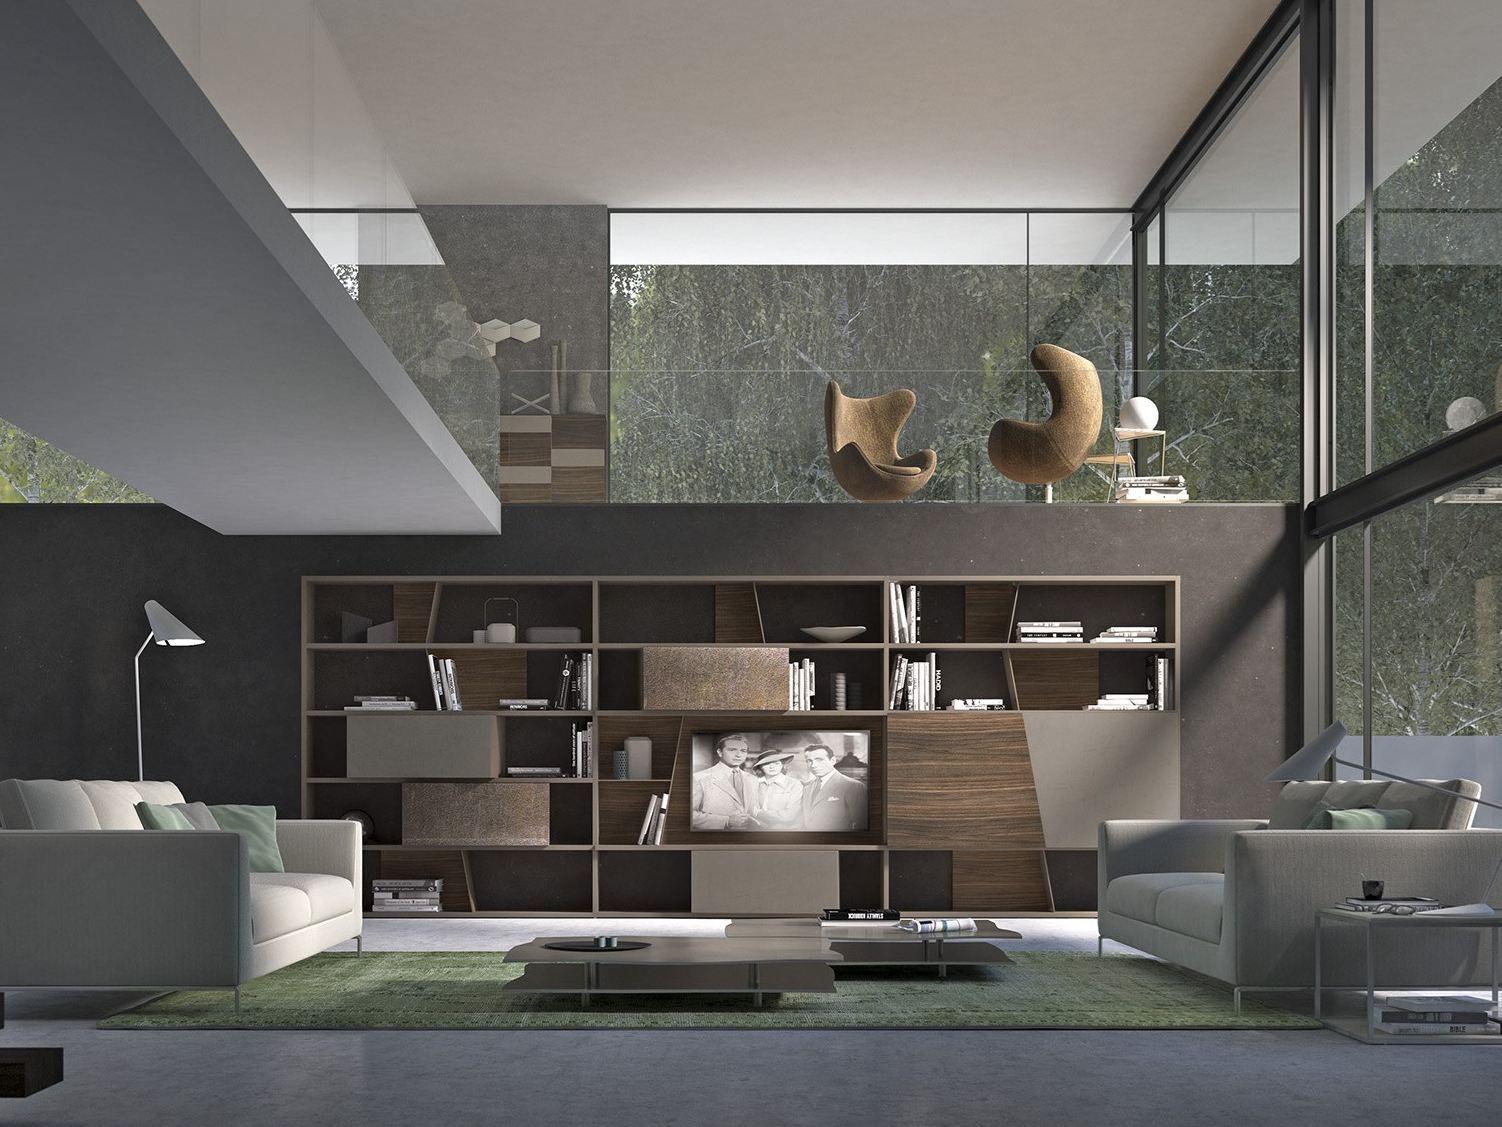 Aufbewahrungsmobel Wohnzimmer Pari Dispari Presotto – Modernise.info